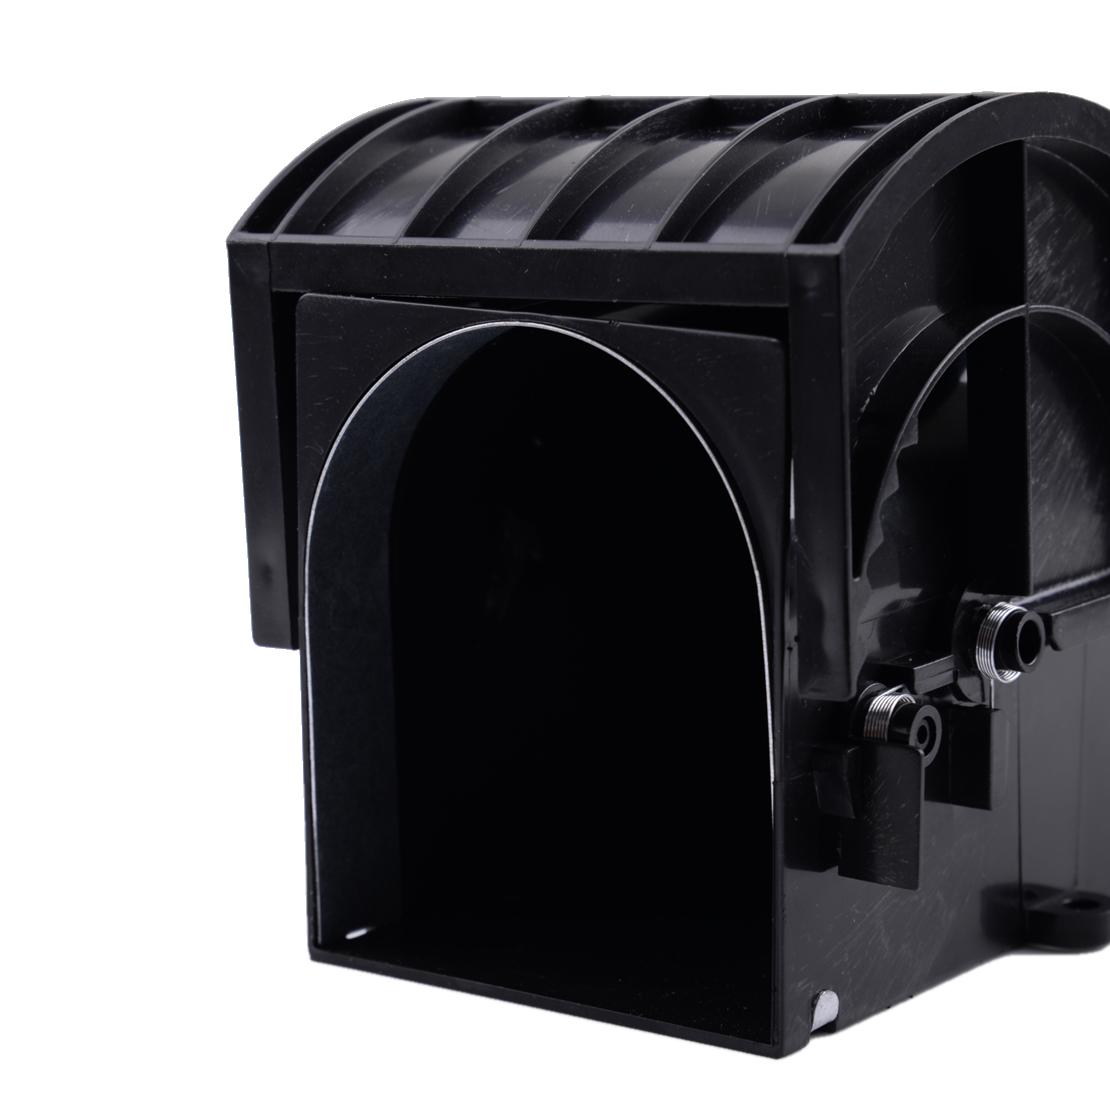 mausefalle k fig k der maus lebendfalle rattenfalle mausfalle fang live ratte ebay. Black Bedroom Furniture Sets. Home Design Ideas